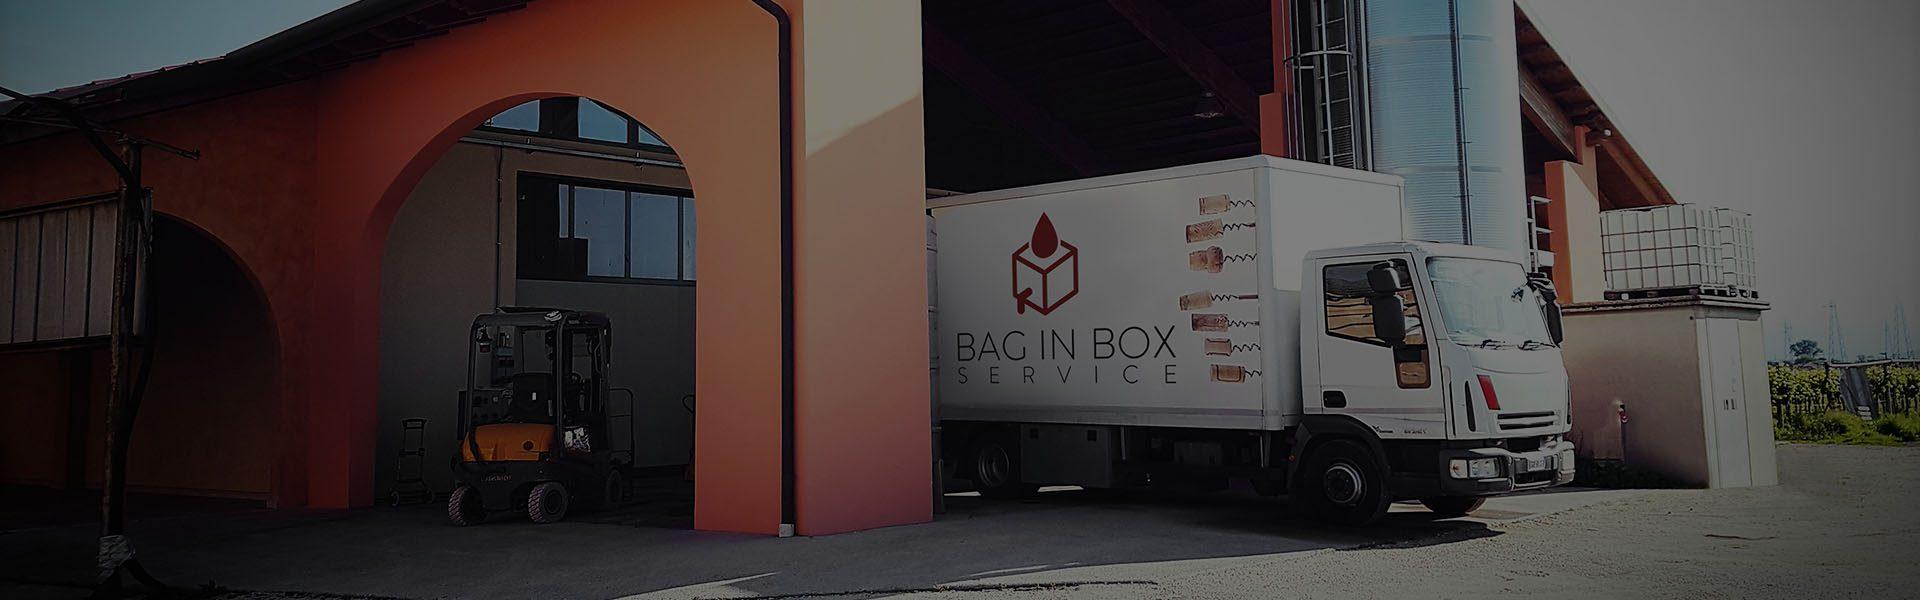 Enotech imbottigliamento a domicilio in Bag in Box